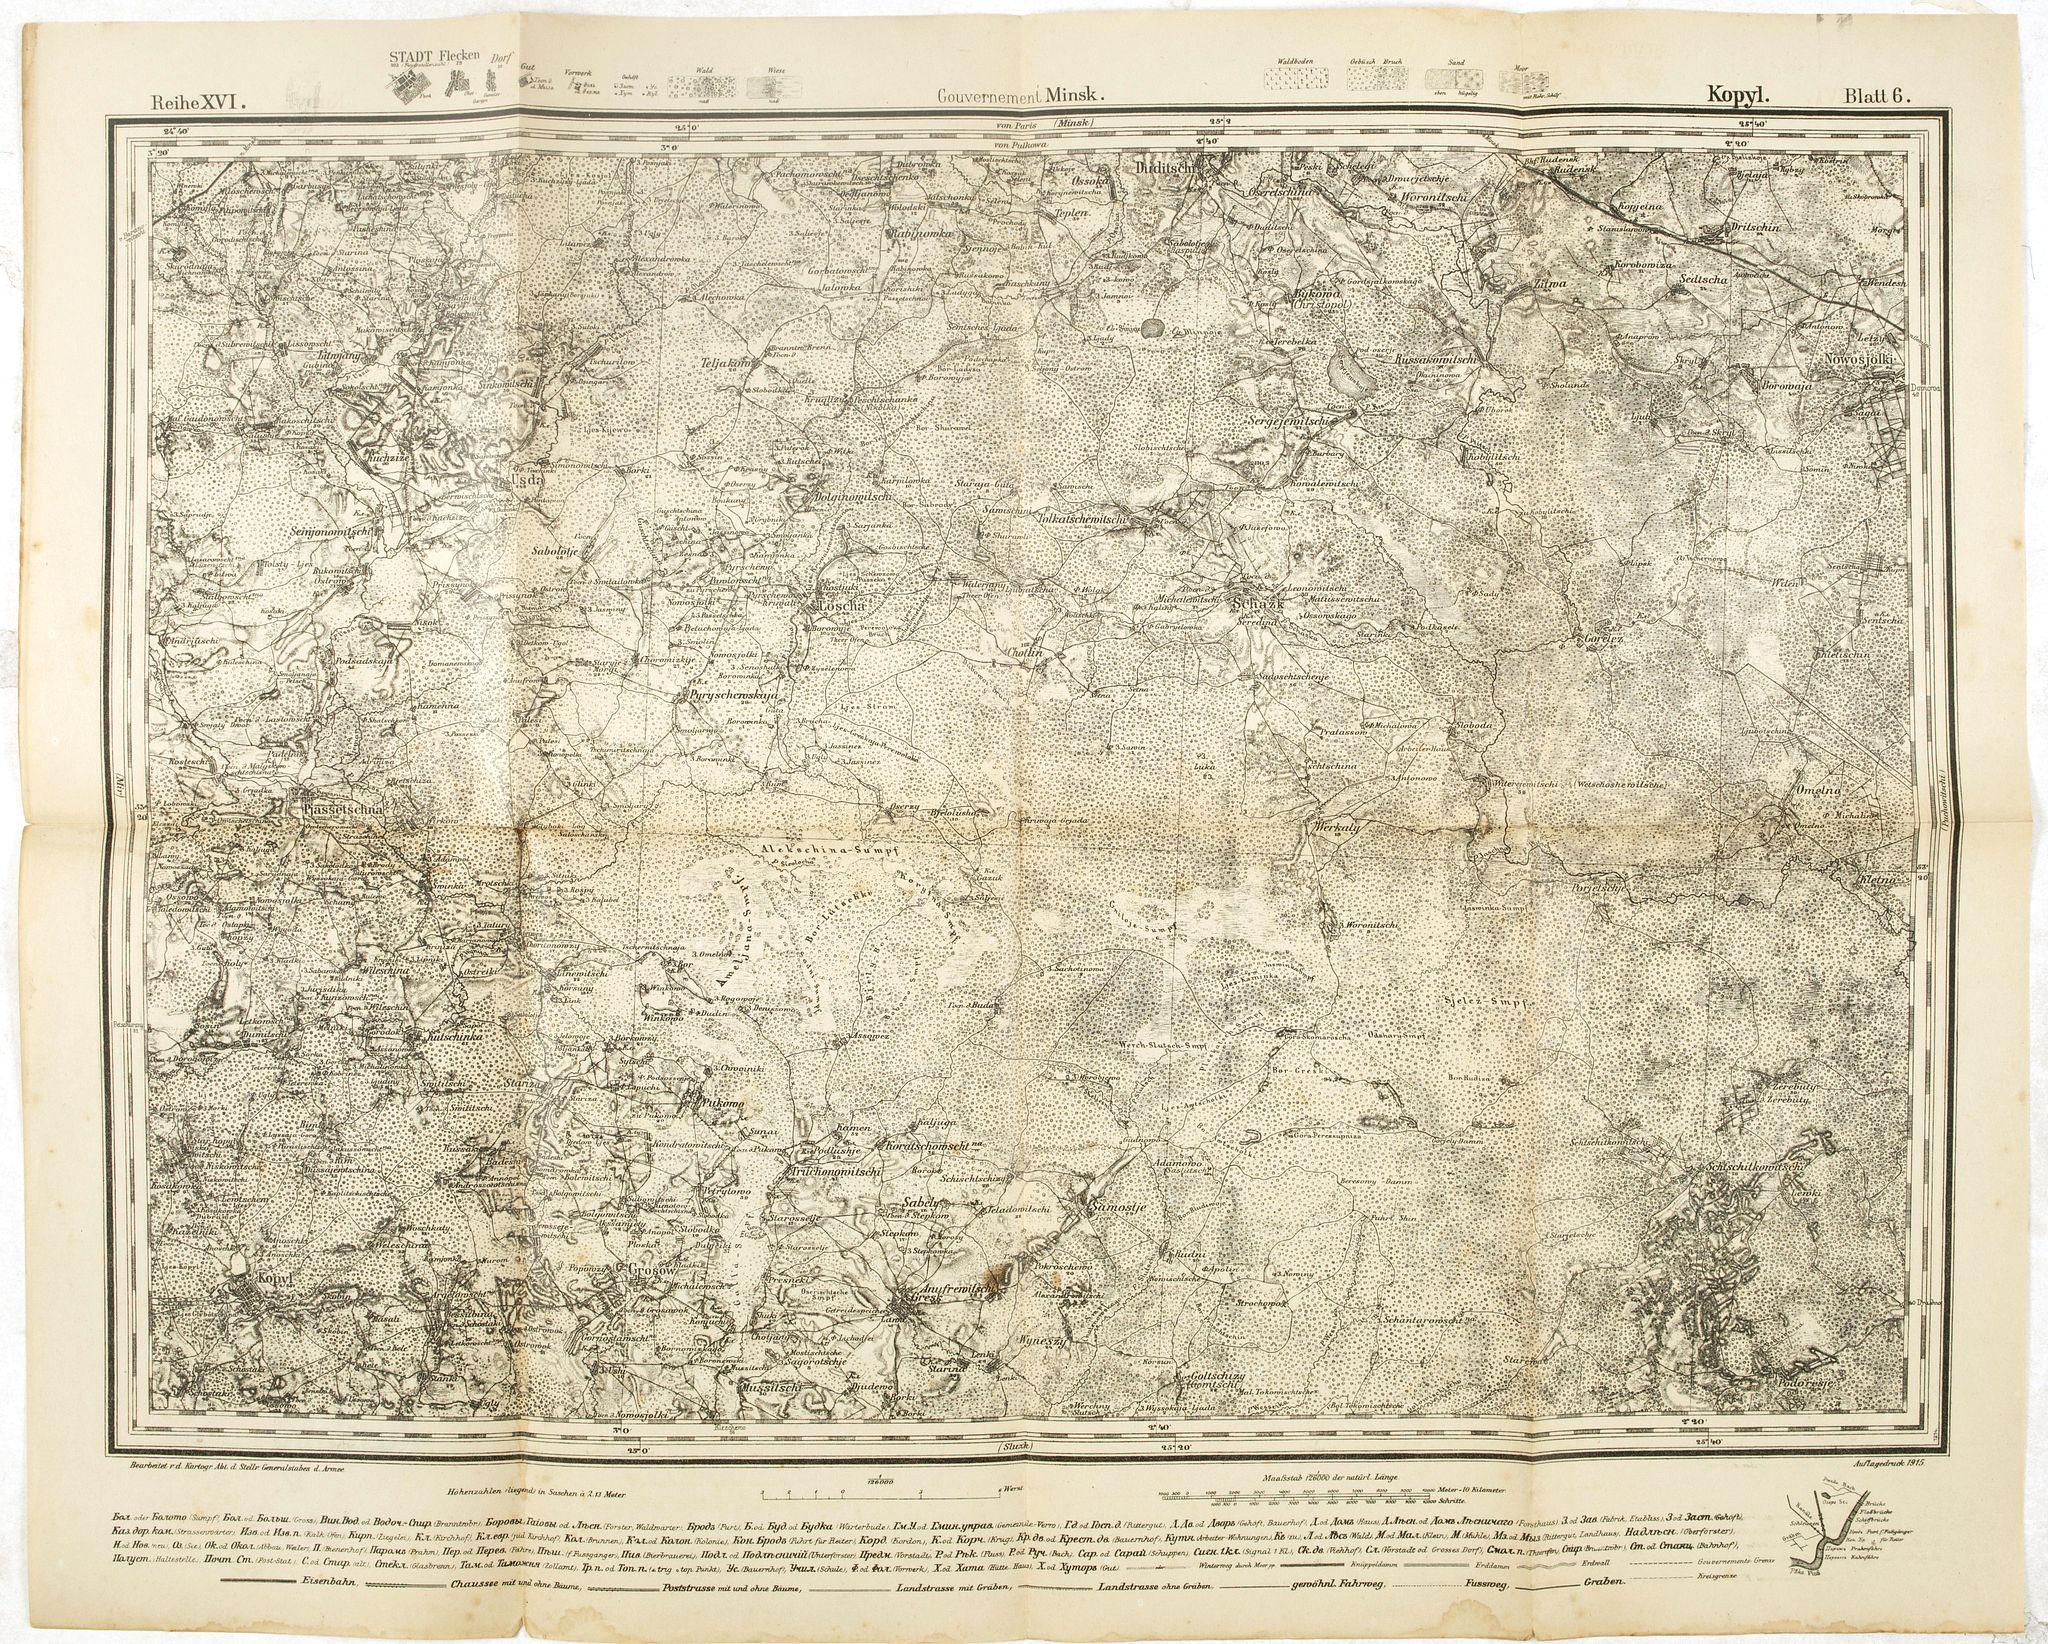 Kartogr. Abt. des Stellvertretenden Generalstabes  -  Government Minsk. Kopyl Blatt 6. - Russland 1:126,000 V. XVI.6.